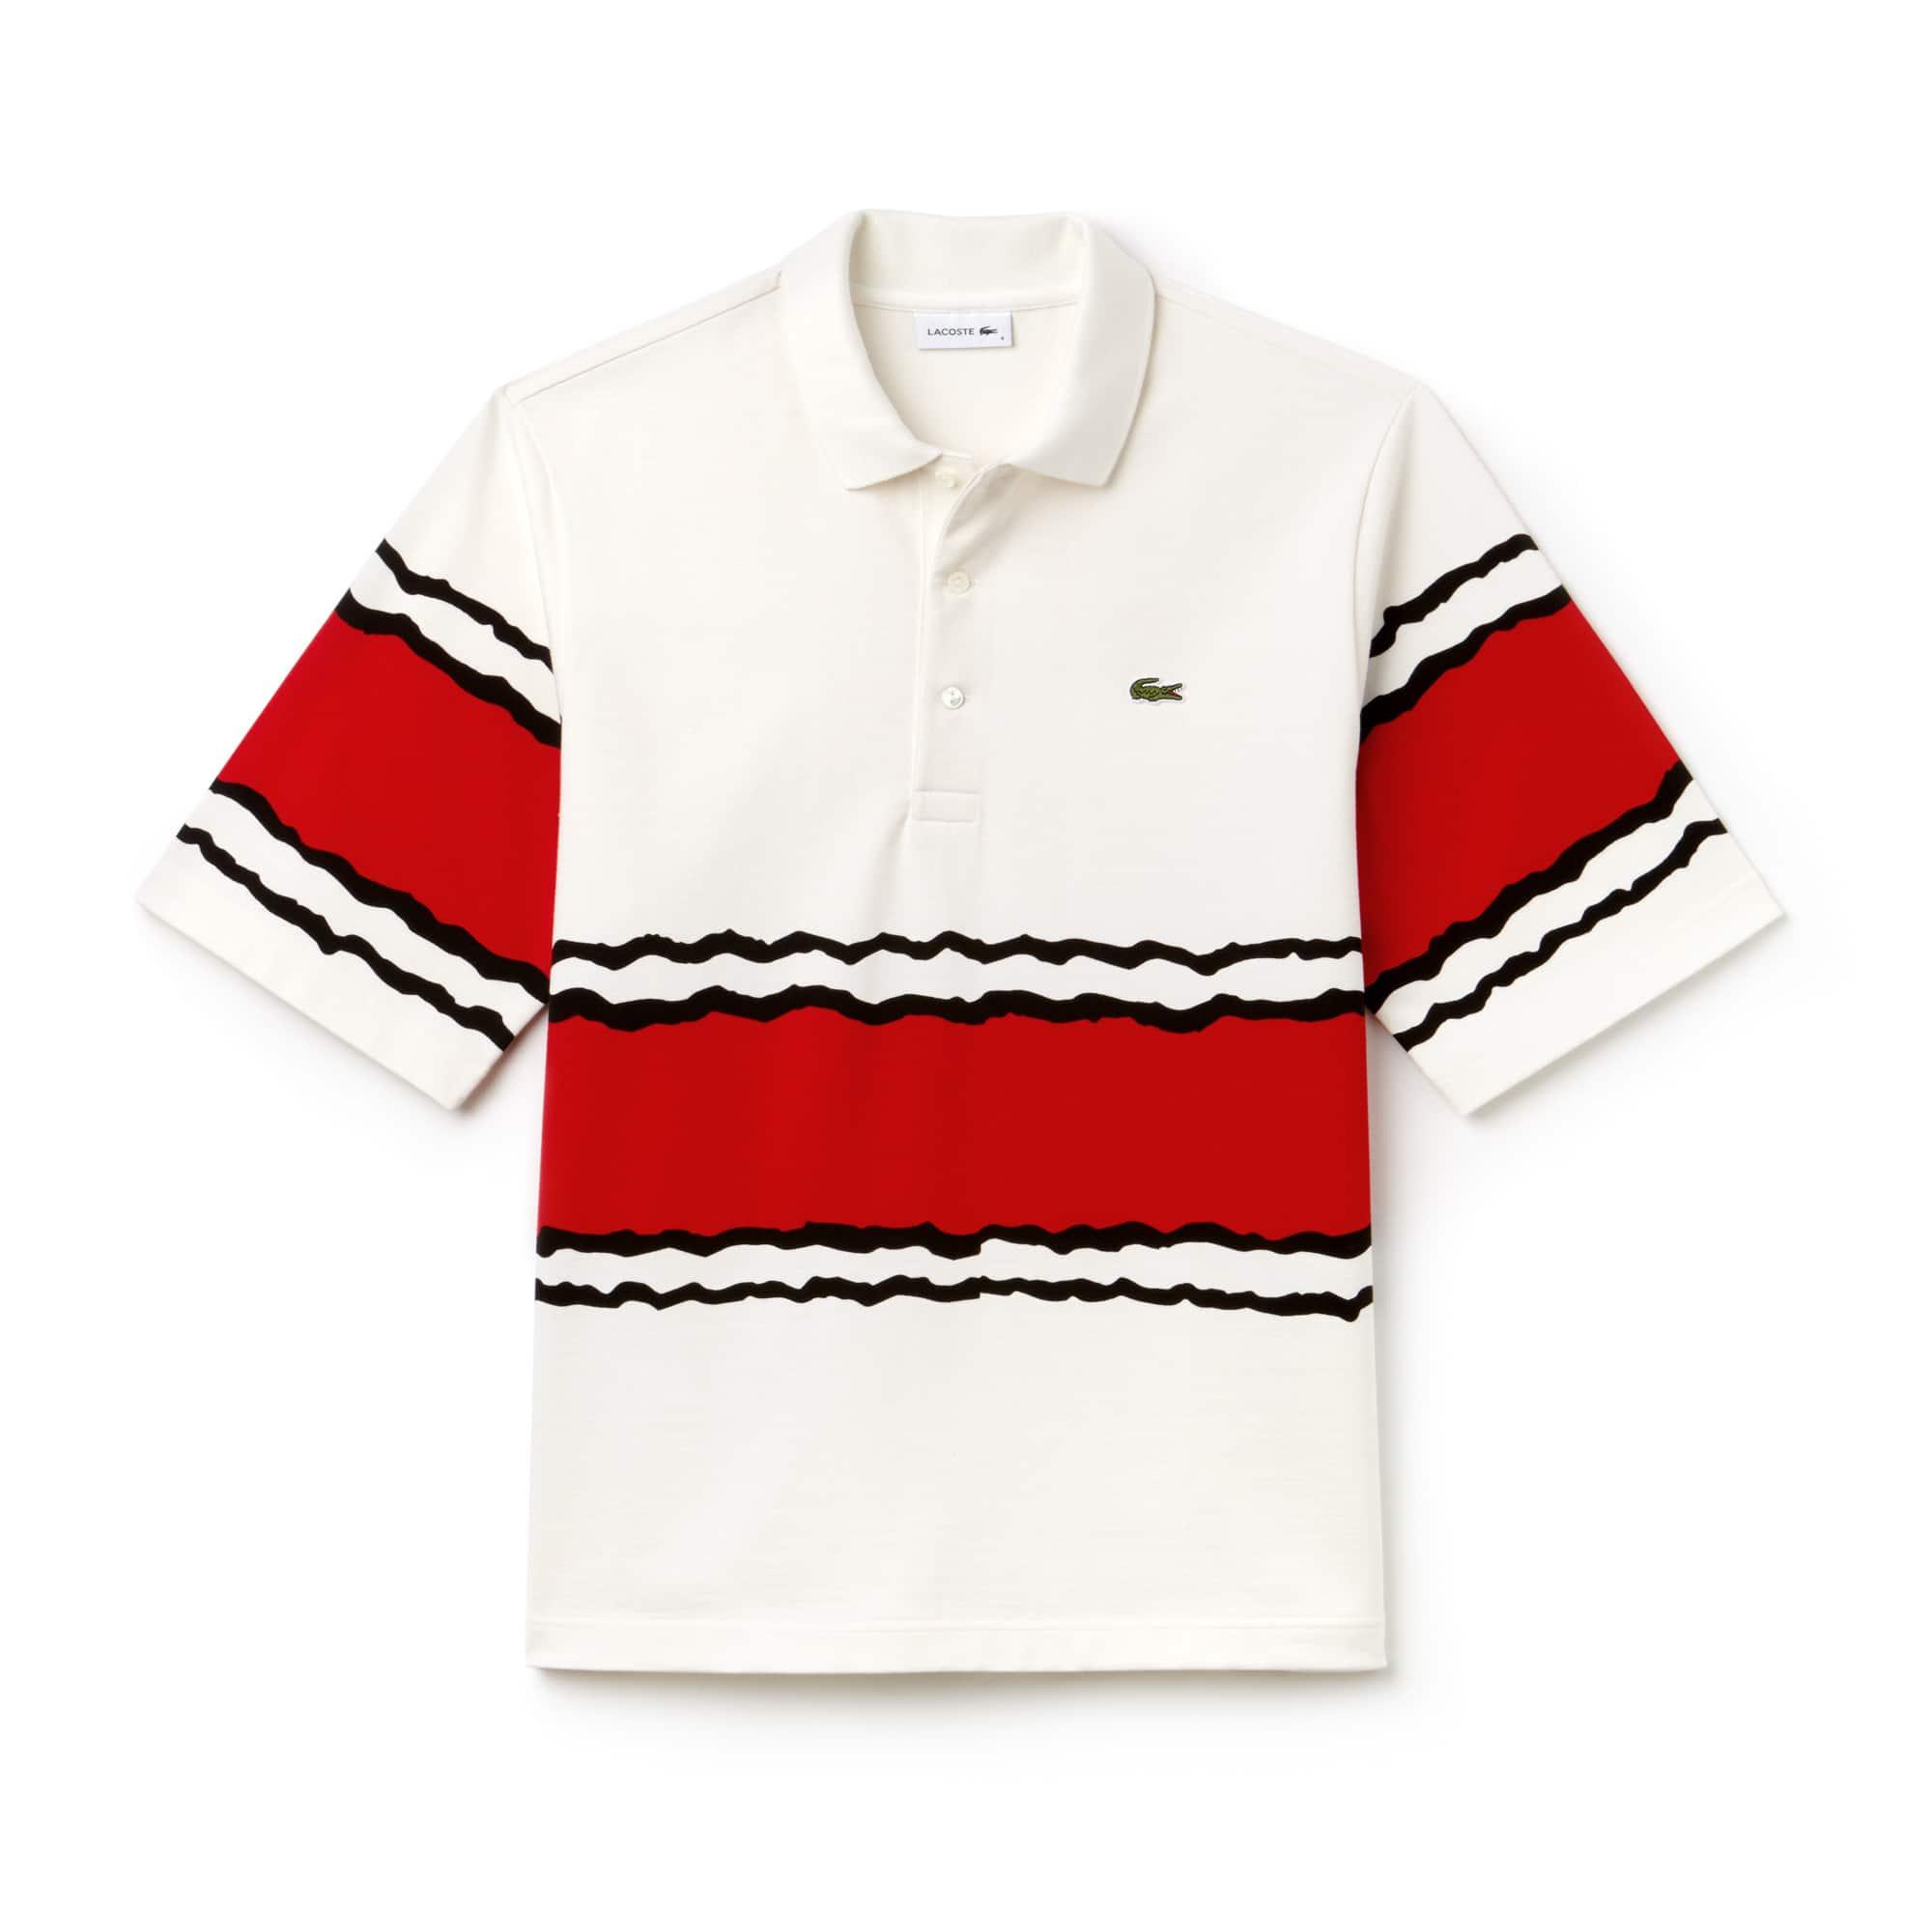 Polo Lacoste in jersey di cotone pesante a righe Edizione Défilé